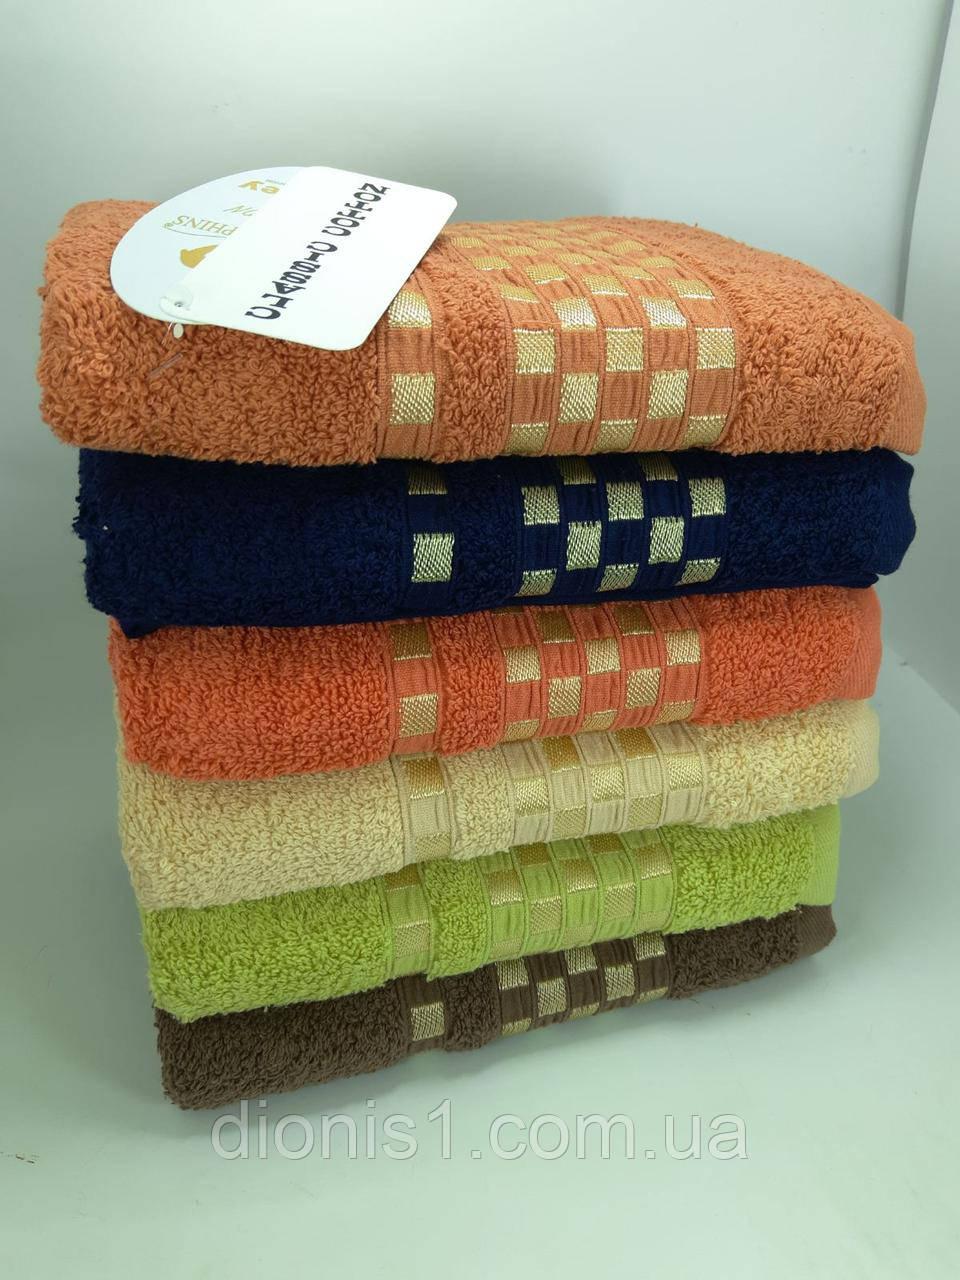 Банное полотенце махра Турция размер 70*140 махра 6 шт в уп.